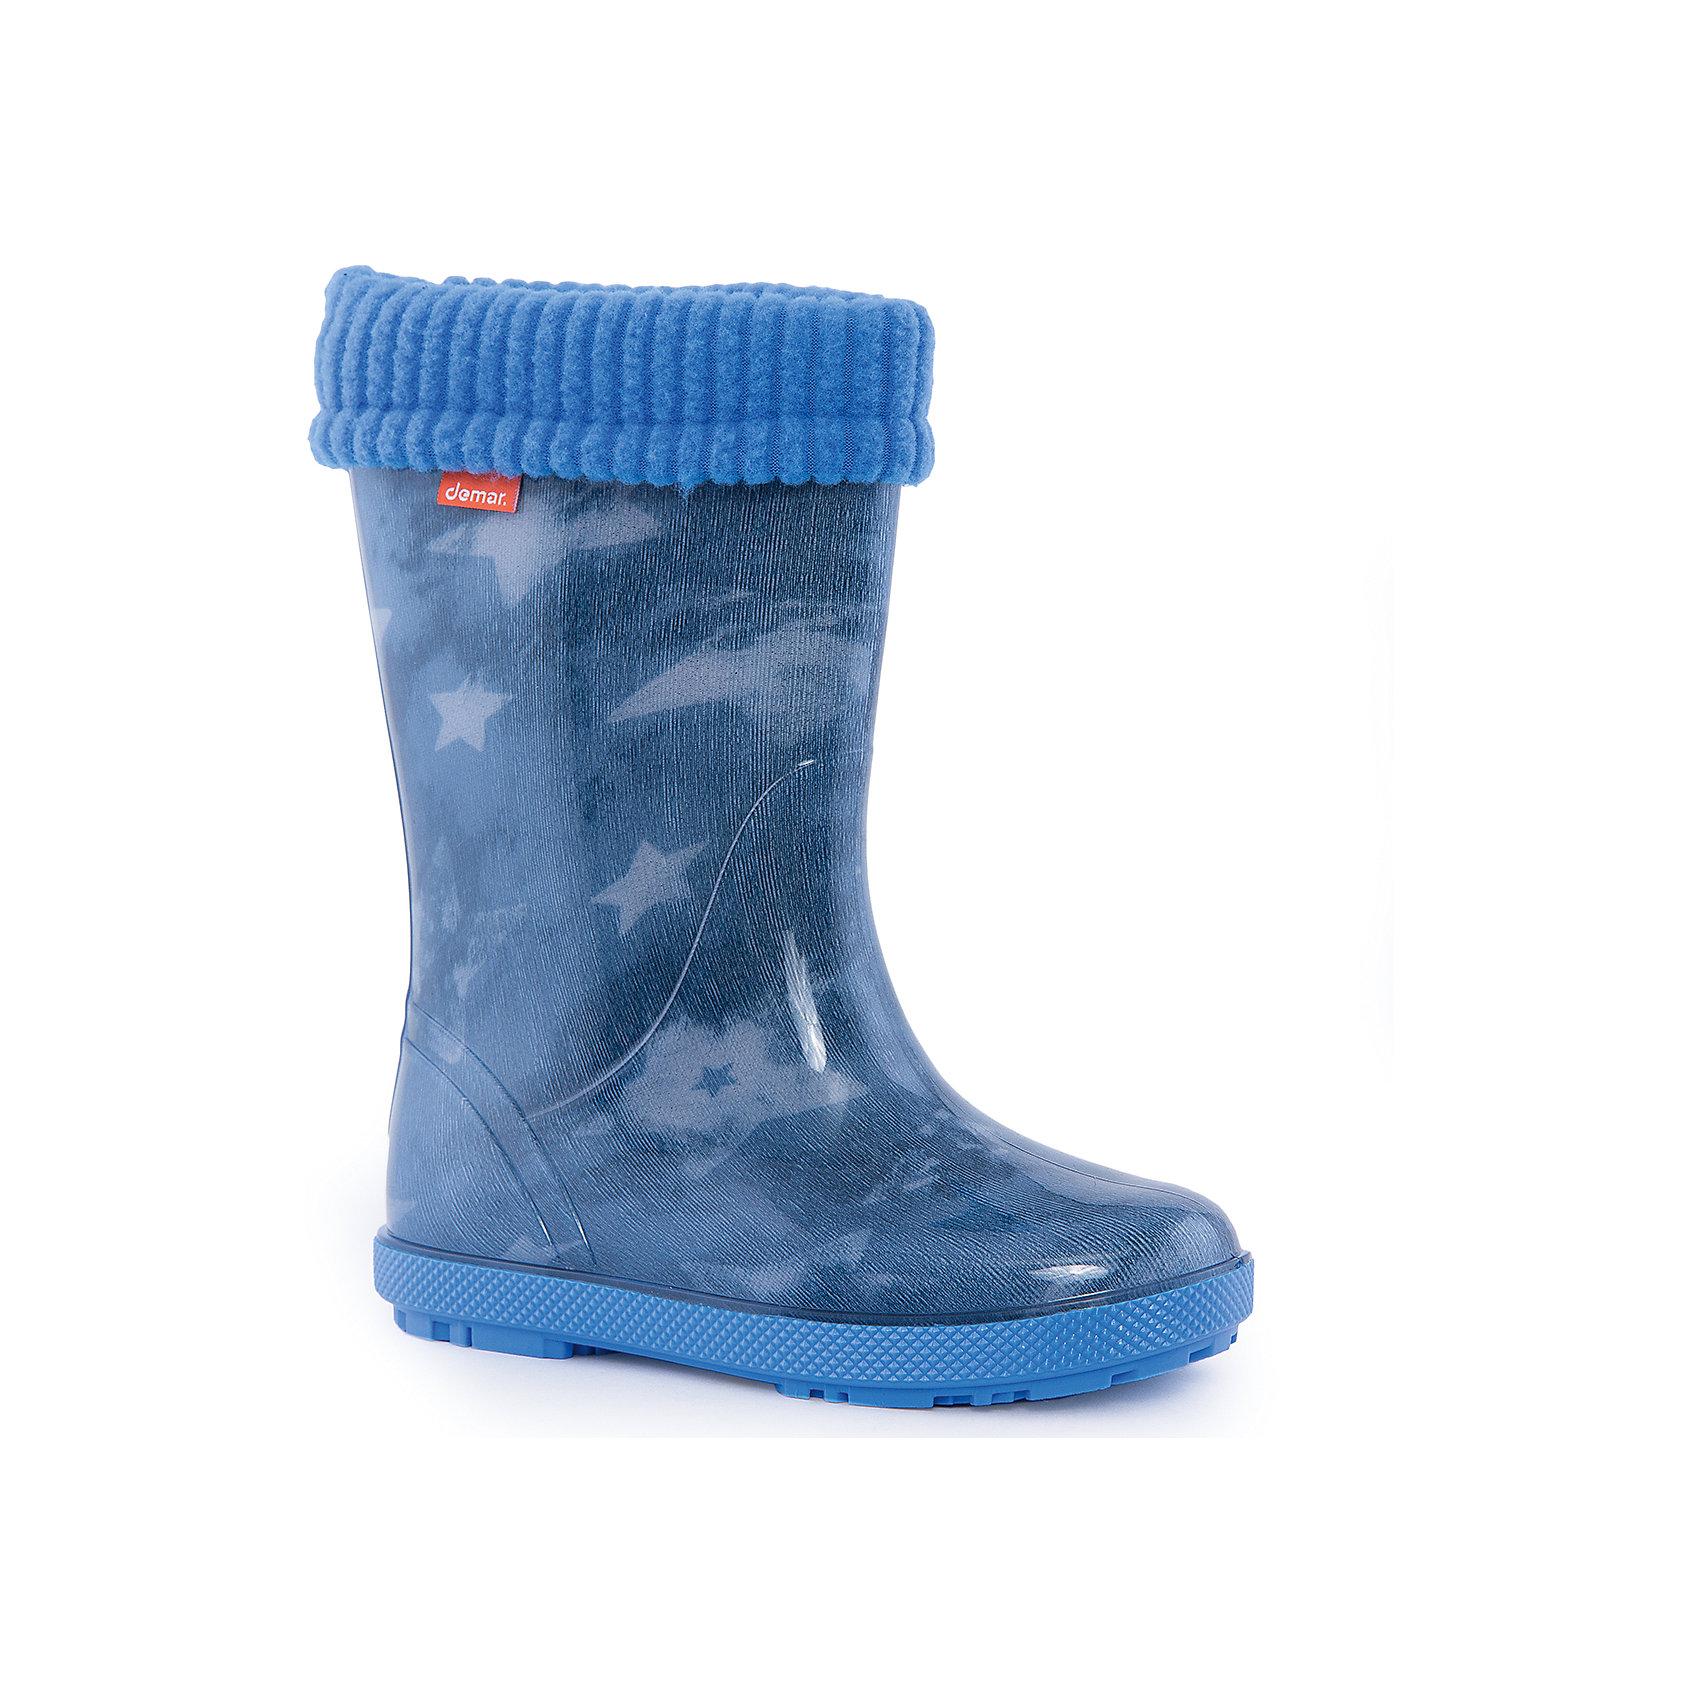 Резиновые сапоги Stormer Lux Print для мальчика DEMARРезиновые сапоги<br>Характеристики товара:<br><br>• цвет: голубой<br>• материал верха: ПВХ<br>• материал подкладки: текстиль <br>• материал подошвы: ПВХ<br>• температурный режим: от 0° до +15° С<br>• верх не продувается<br>• съемный чулок<br>• стильный дизайн<br>• страна бренда: Польша<br>• страна изготовитель: Польша<br><br>Осенью и весной ребенку не обойтись без непромокаемых сапожек! Чтобы не пропустить главные удовольствия межсезонья, нужно запастись удобной обувью. Такие сапожки обеспечат ребенку необходимый для активного отдыха комфорт, а подкладка из текстиля позволит ножкам оставаться теплыми. Сапожки легко надеваются и снимаются, отлично сидят на ноге. Они удивительно легкие!<br>Обувь от польского бренда Demar - это качественные товары, созданные с применением новейших технологий и с использованием как натуральных, так и высокотехнологичных материалов. Обувь отличается стильным дизайном и продуманной конструкцией. Изделие производится из качественных и проверенных материалов, которые безопасны для детей.<br><br>Сапожки от бренда Demar (Демар) можно купить в нашем интернет-магазине.<br><br>Ширина мм: 257<br>Глубина мм: 180<br>Высота мм: 130<br>Вес г: 420<br>Цвет: синий<br>Возраст от месяцев: 84<br>Возраст до месяцев: 96<br>Пол: Мужской<br>Возраст: Детский<br>Размер: 30/31,32/33,28/29<br>SKU: 4916631